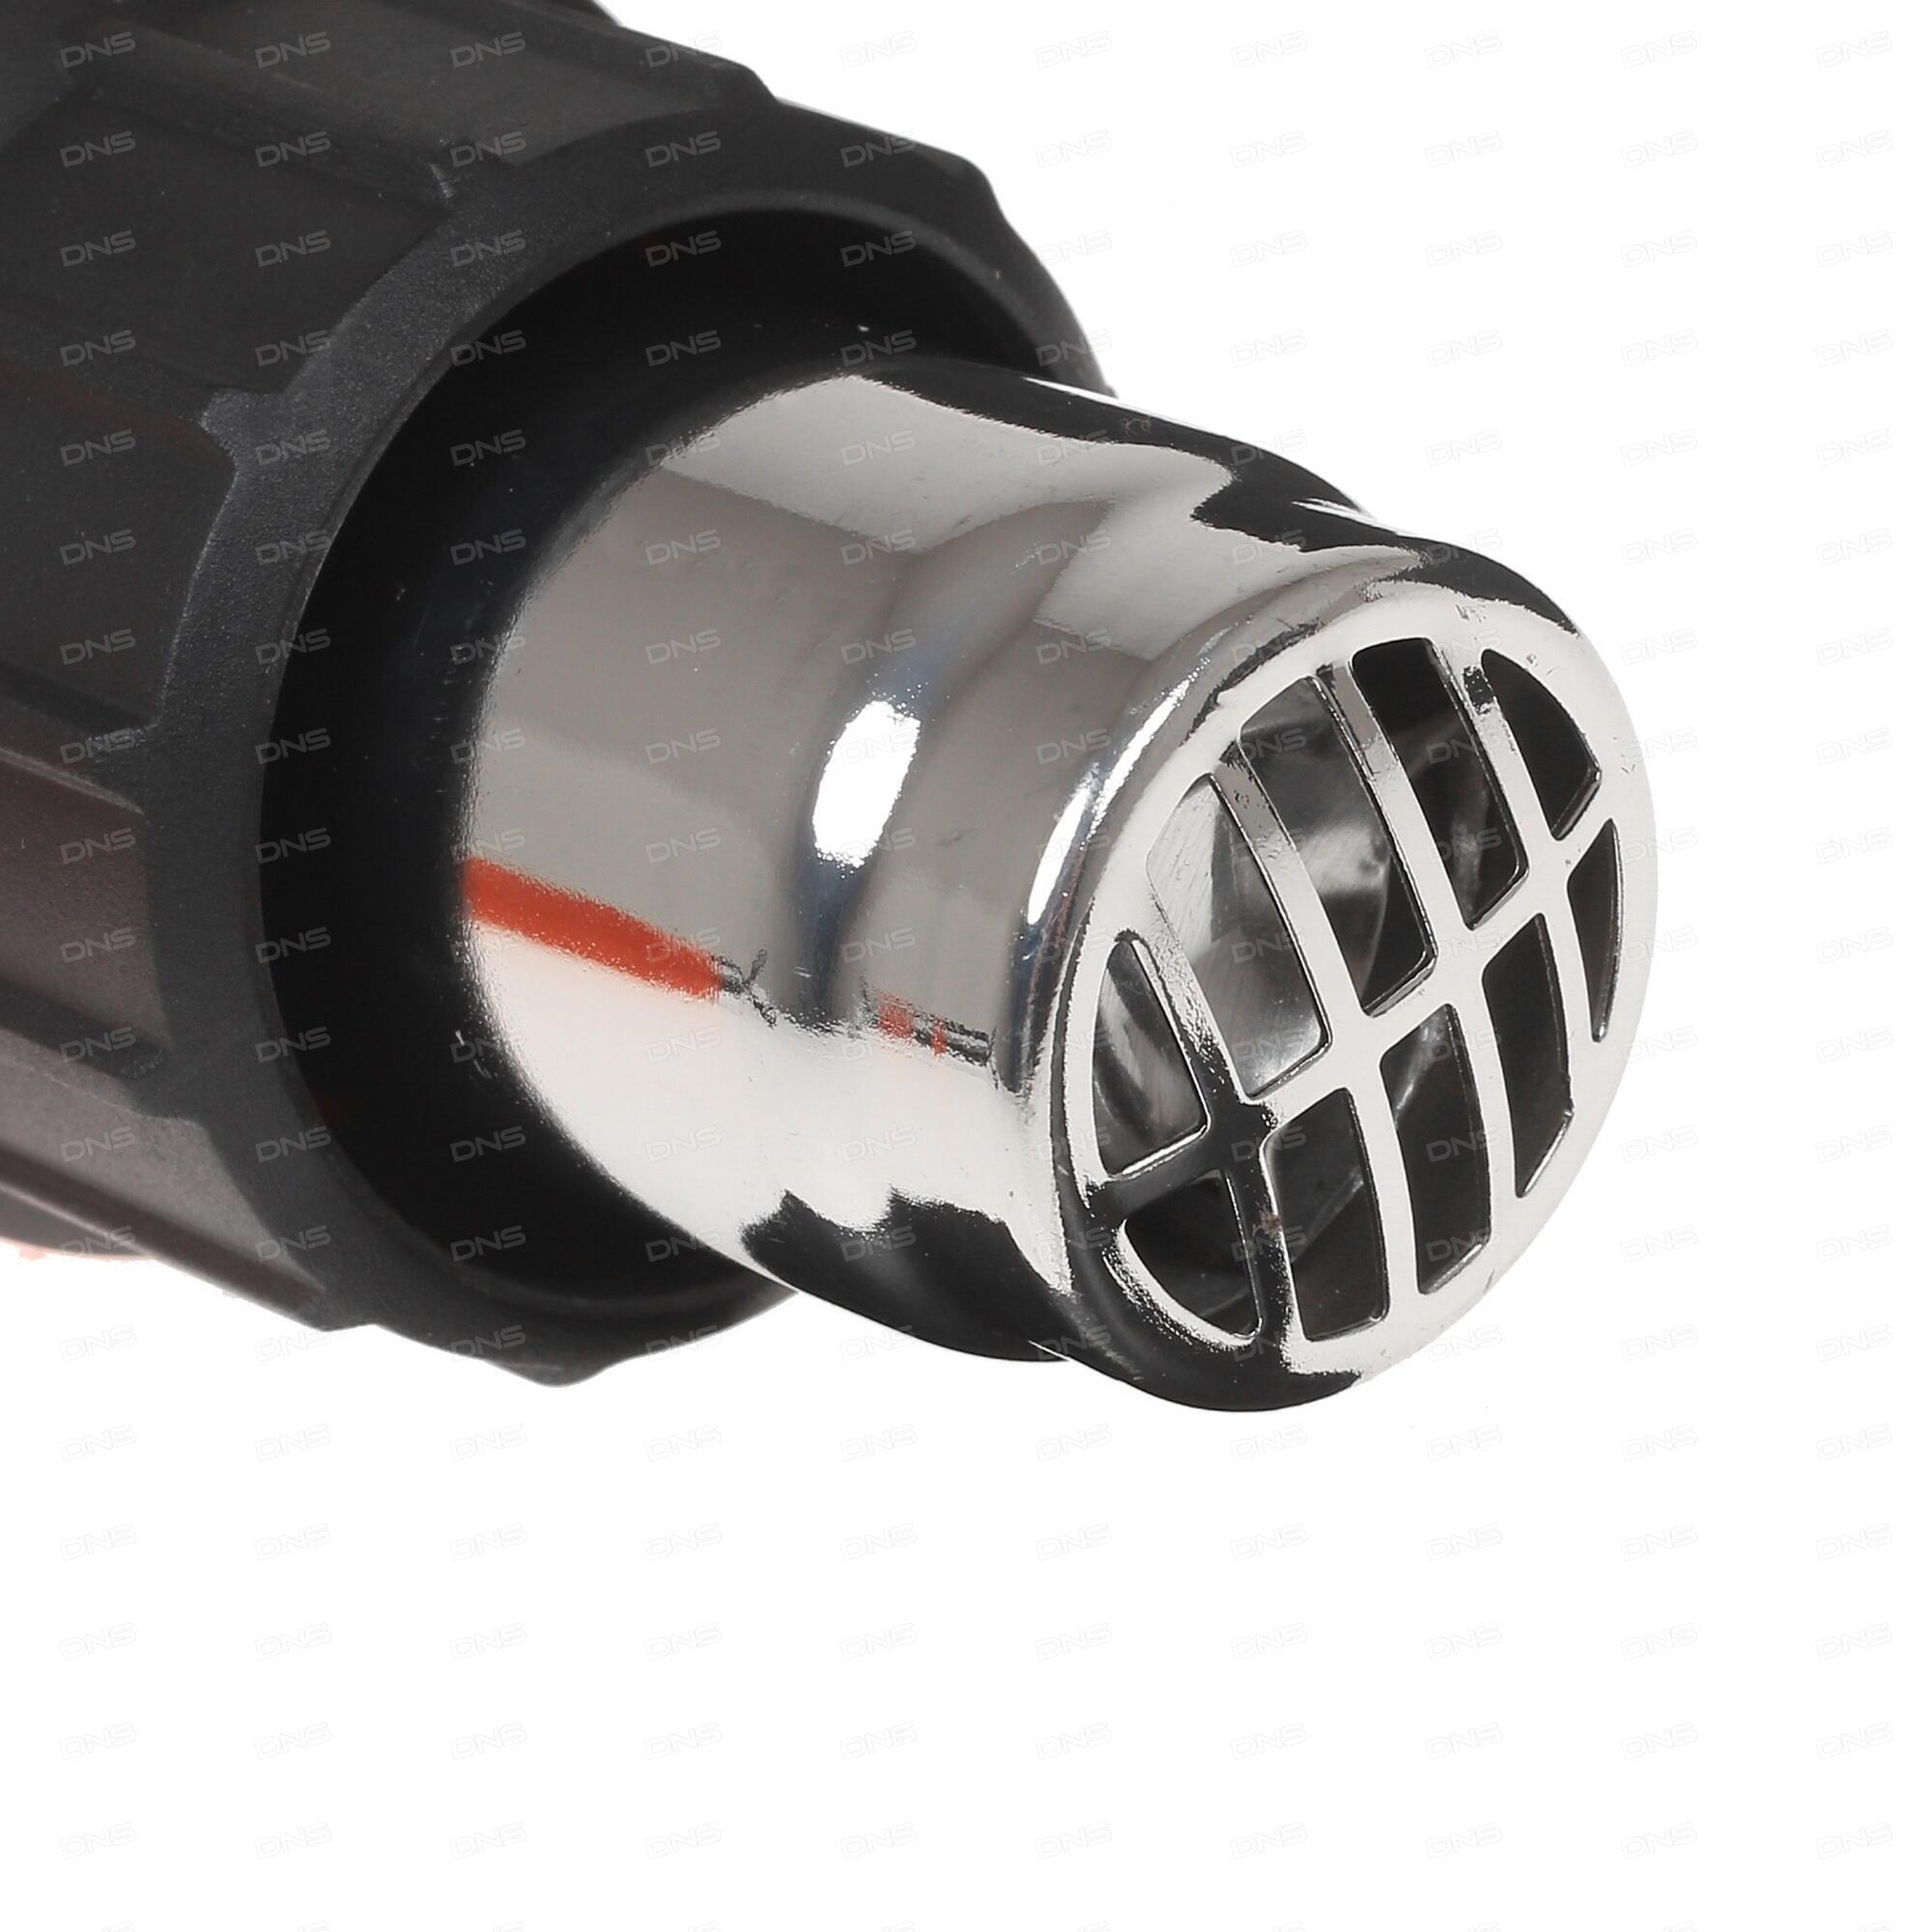 фен технический kx1650 xk